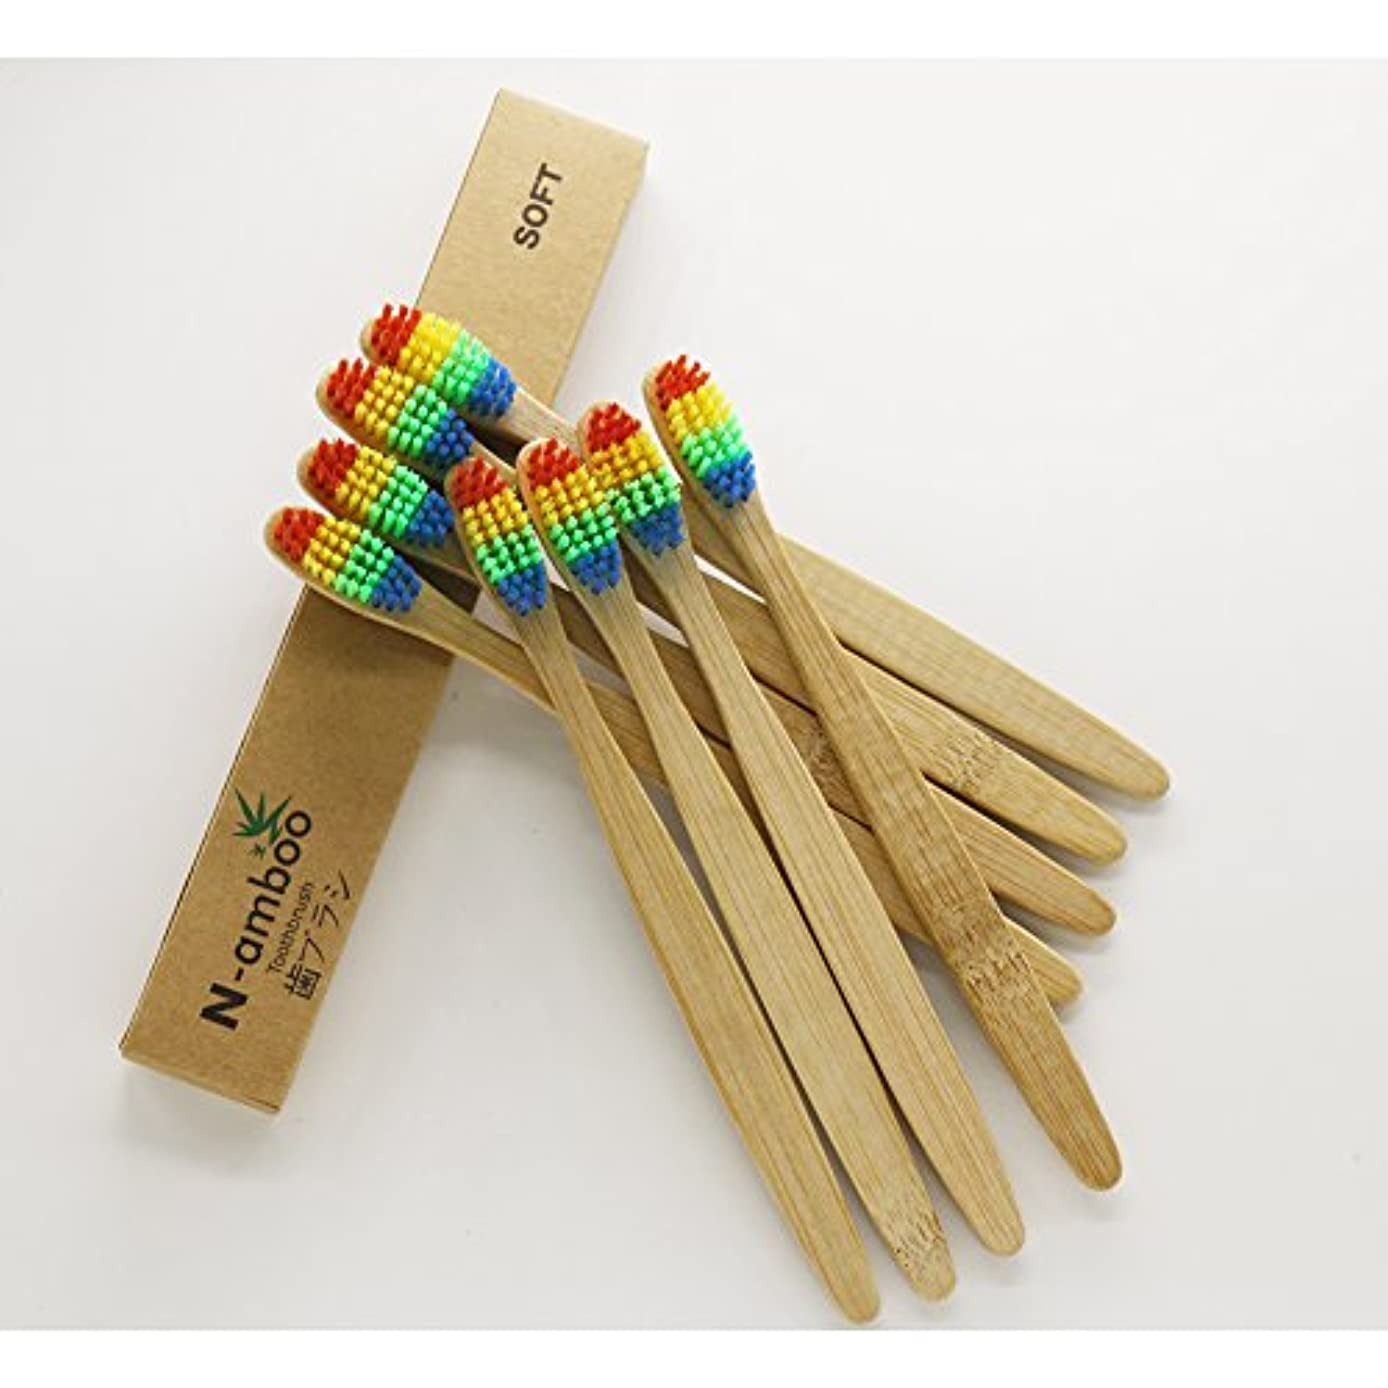 ライバルふりをするはしごN-amboo 竹製 耐久度高い 歯ブラシ 四色 虹(にじ) 8本入り ファミリー セット